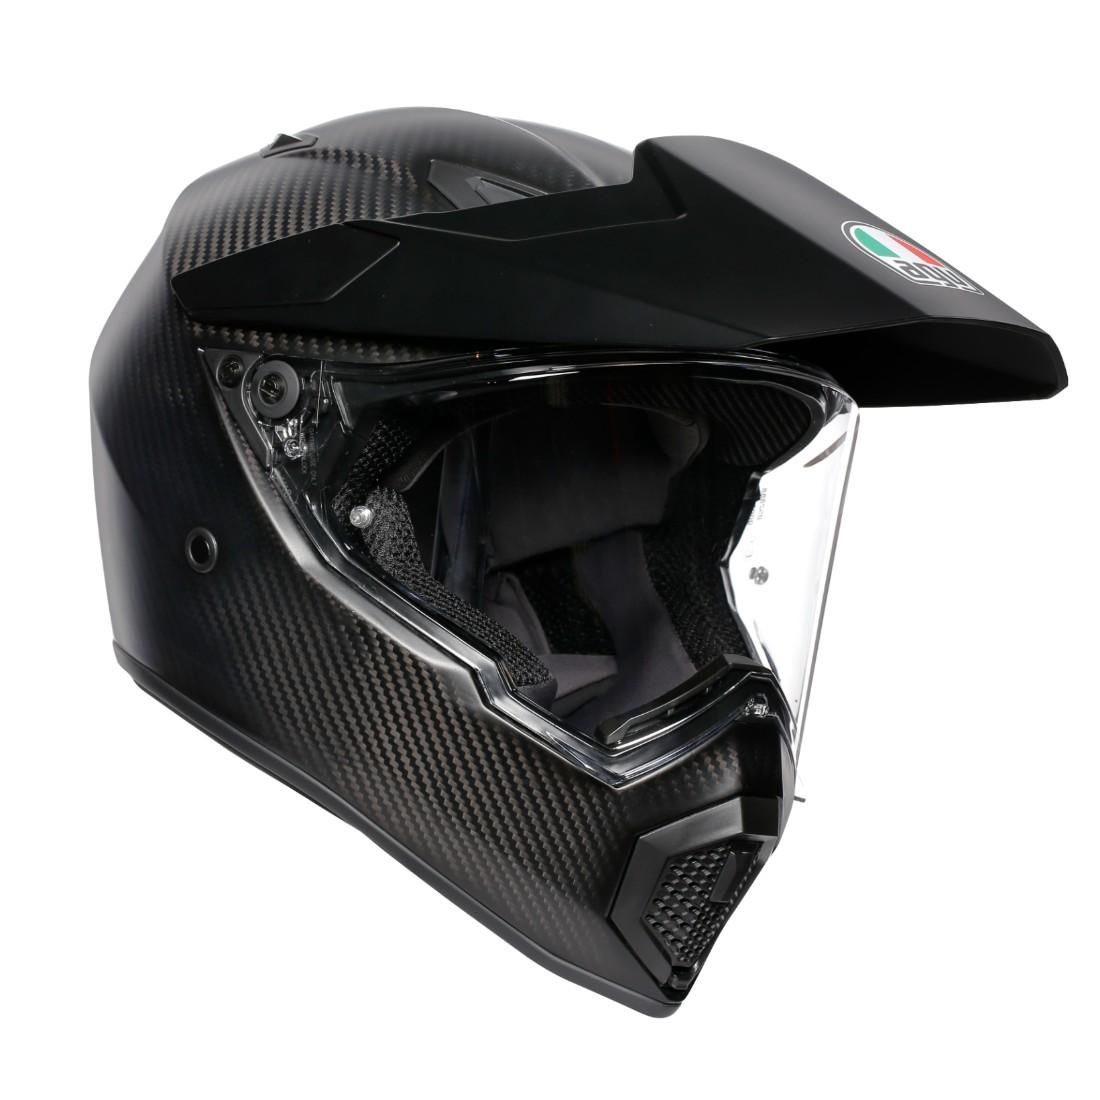 AGV フルフェイスヘルメット AX9 001-MATT CARBON マットカーボン Sサイズ